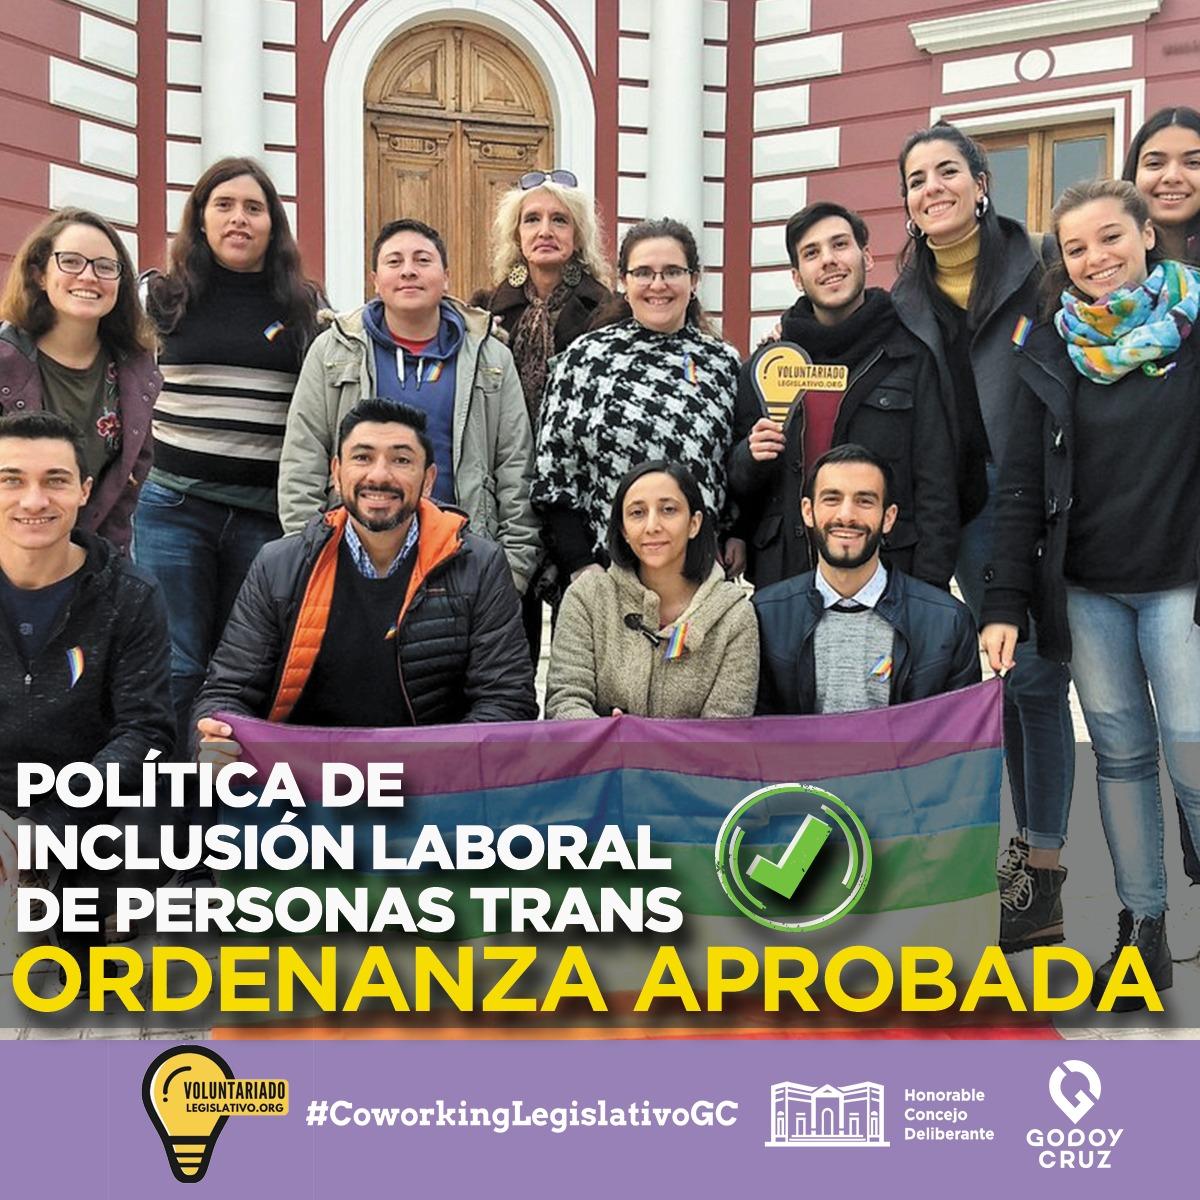 En la sesión del HCD de hoy aprobamos la Política de Inclusión Laboral de Personas Trans en @MuniGodoyCruz, un gran avance en cuanto políticas de inclusión https://t.co/nAQHsRaaRK